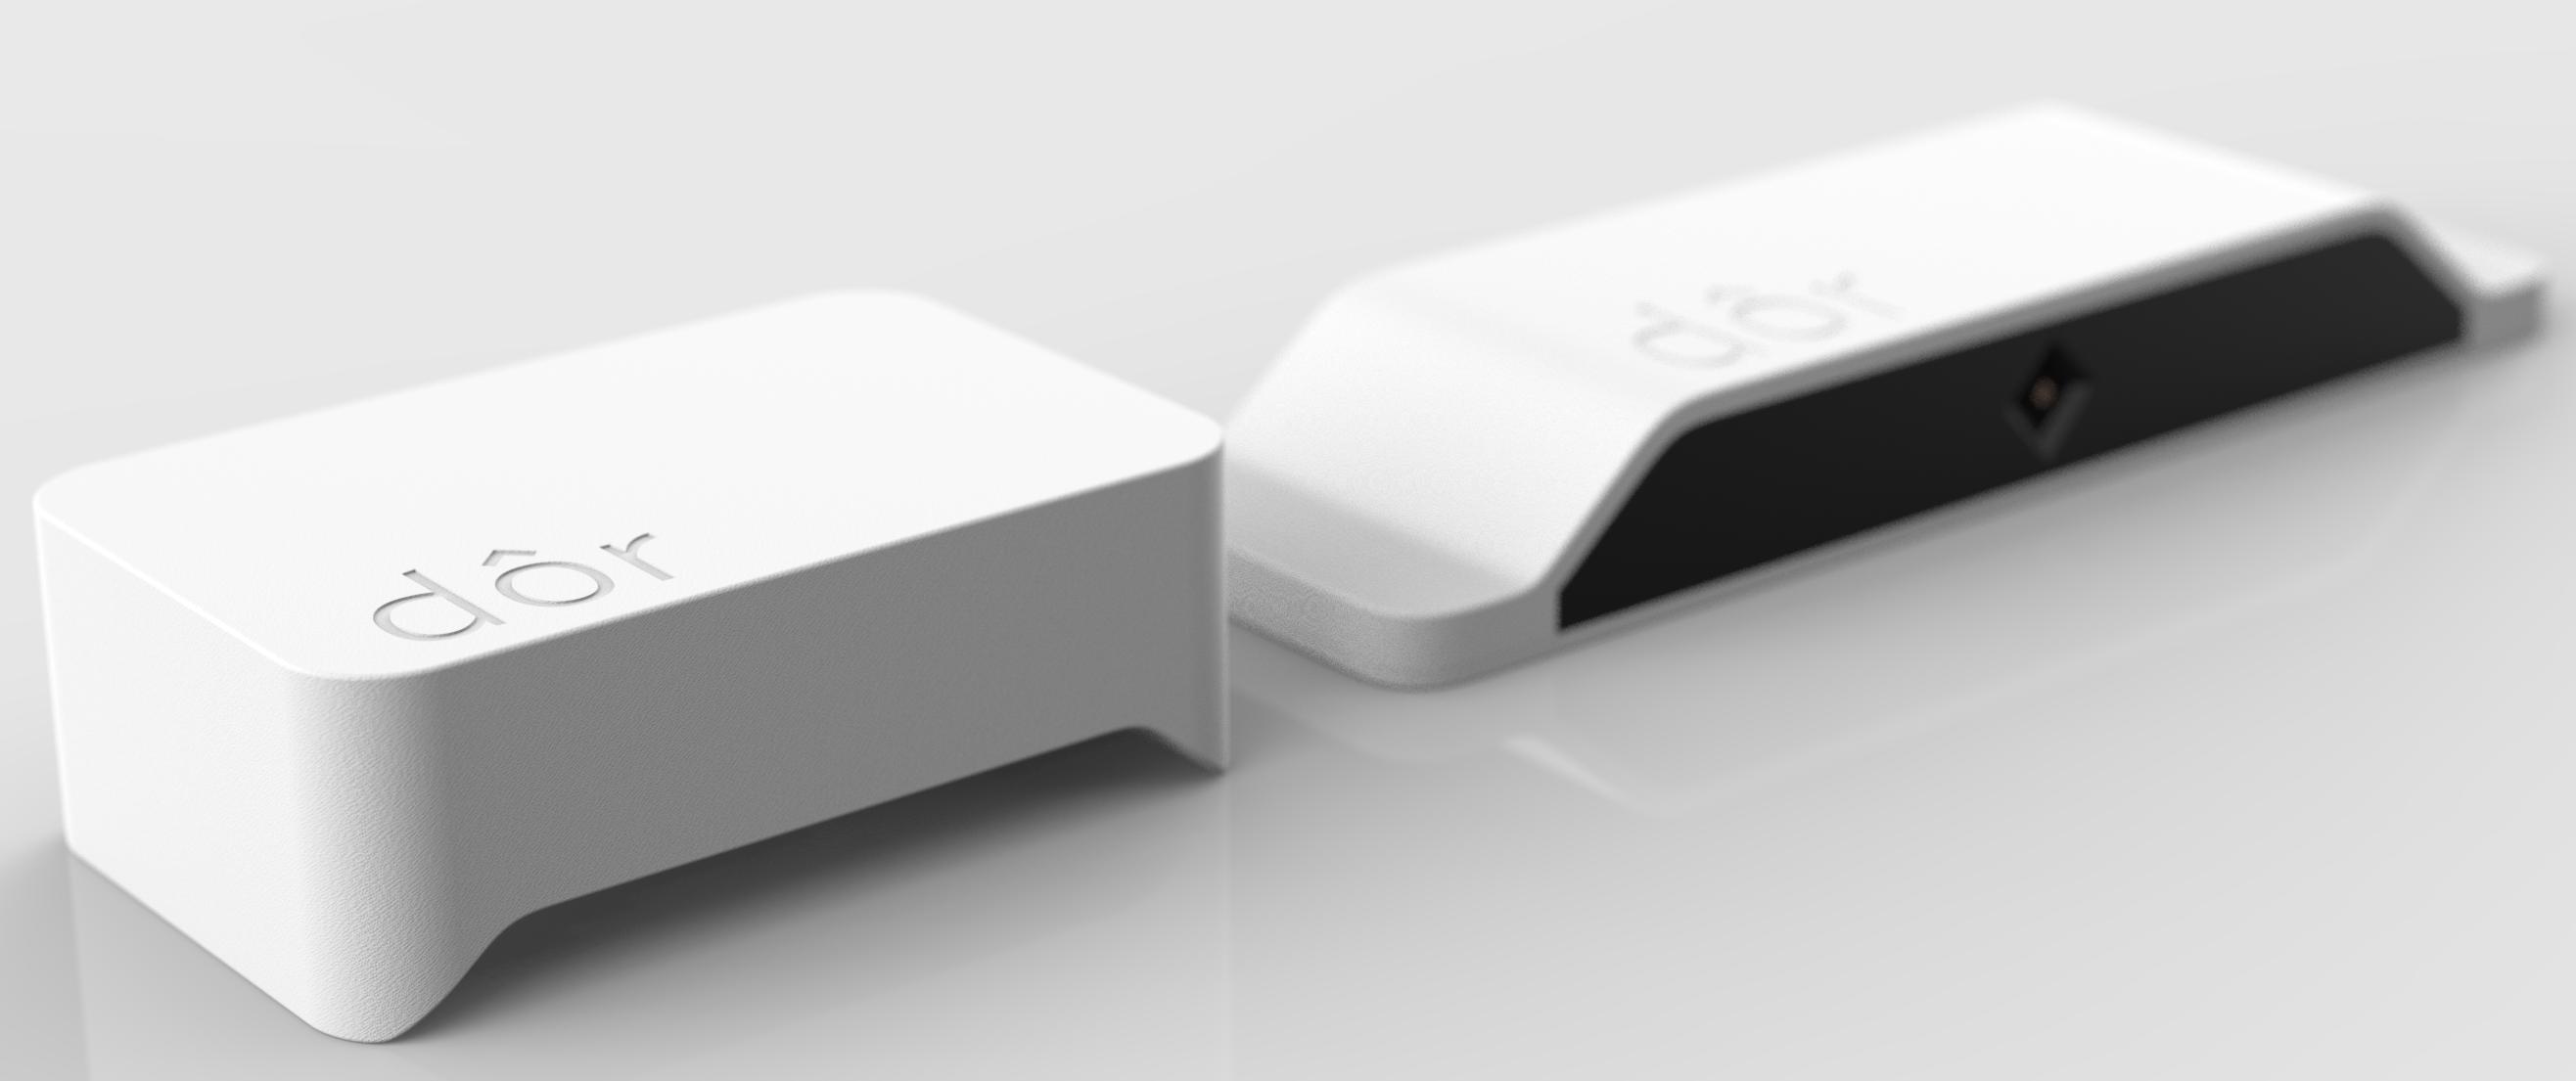 Dor hub and sensor